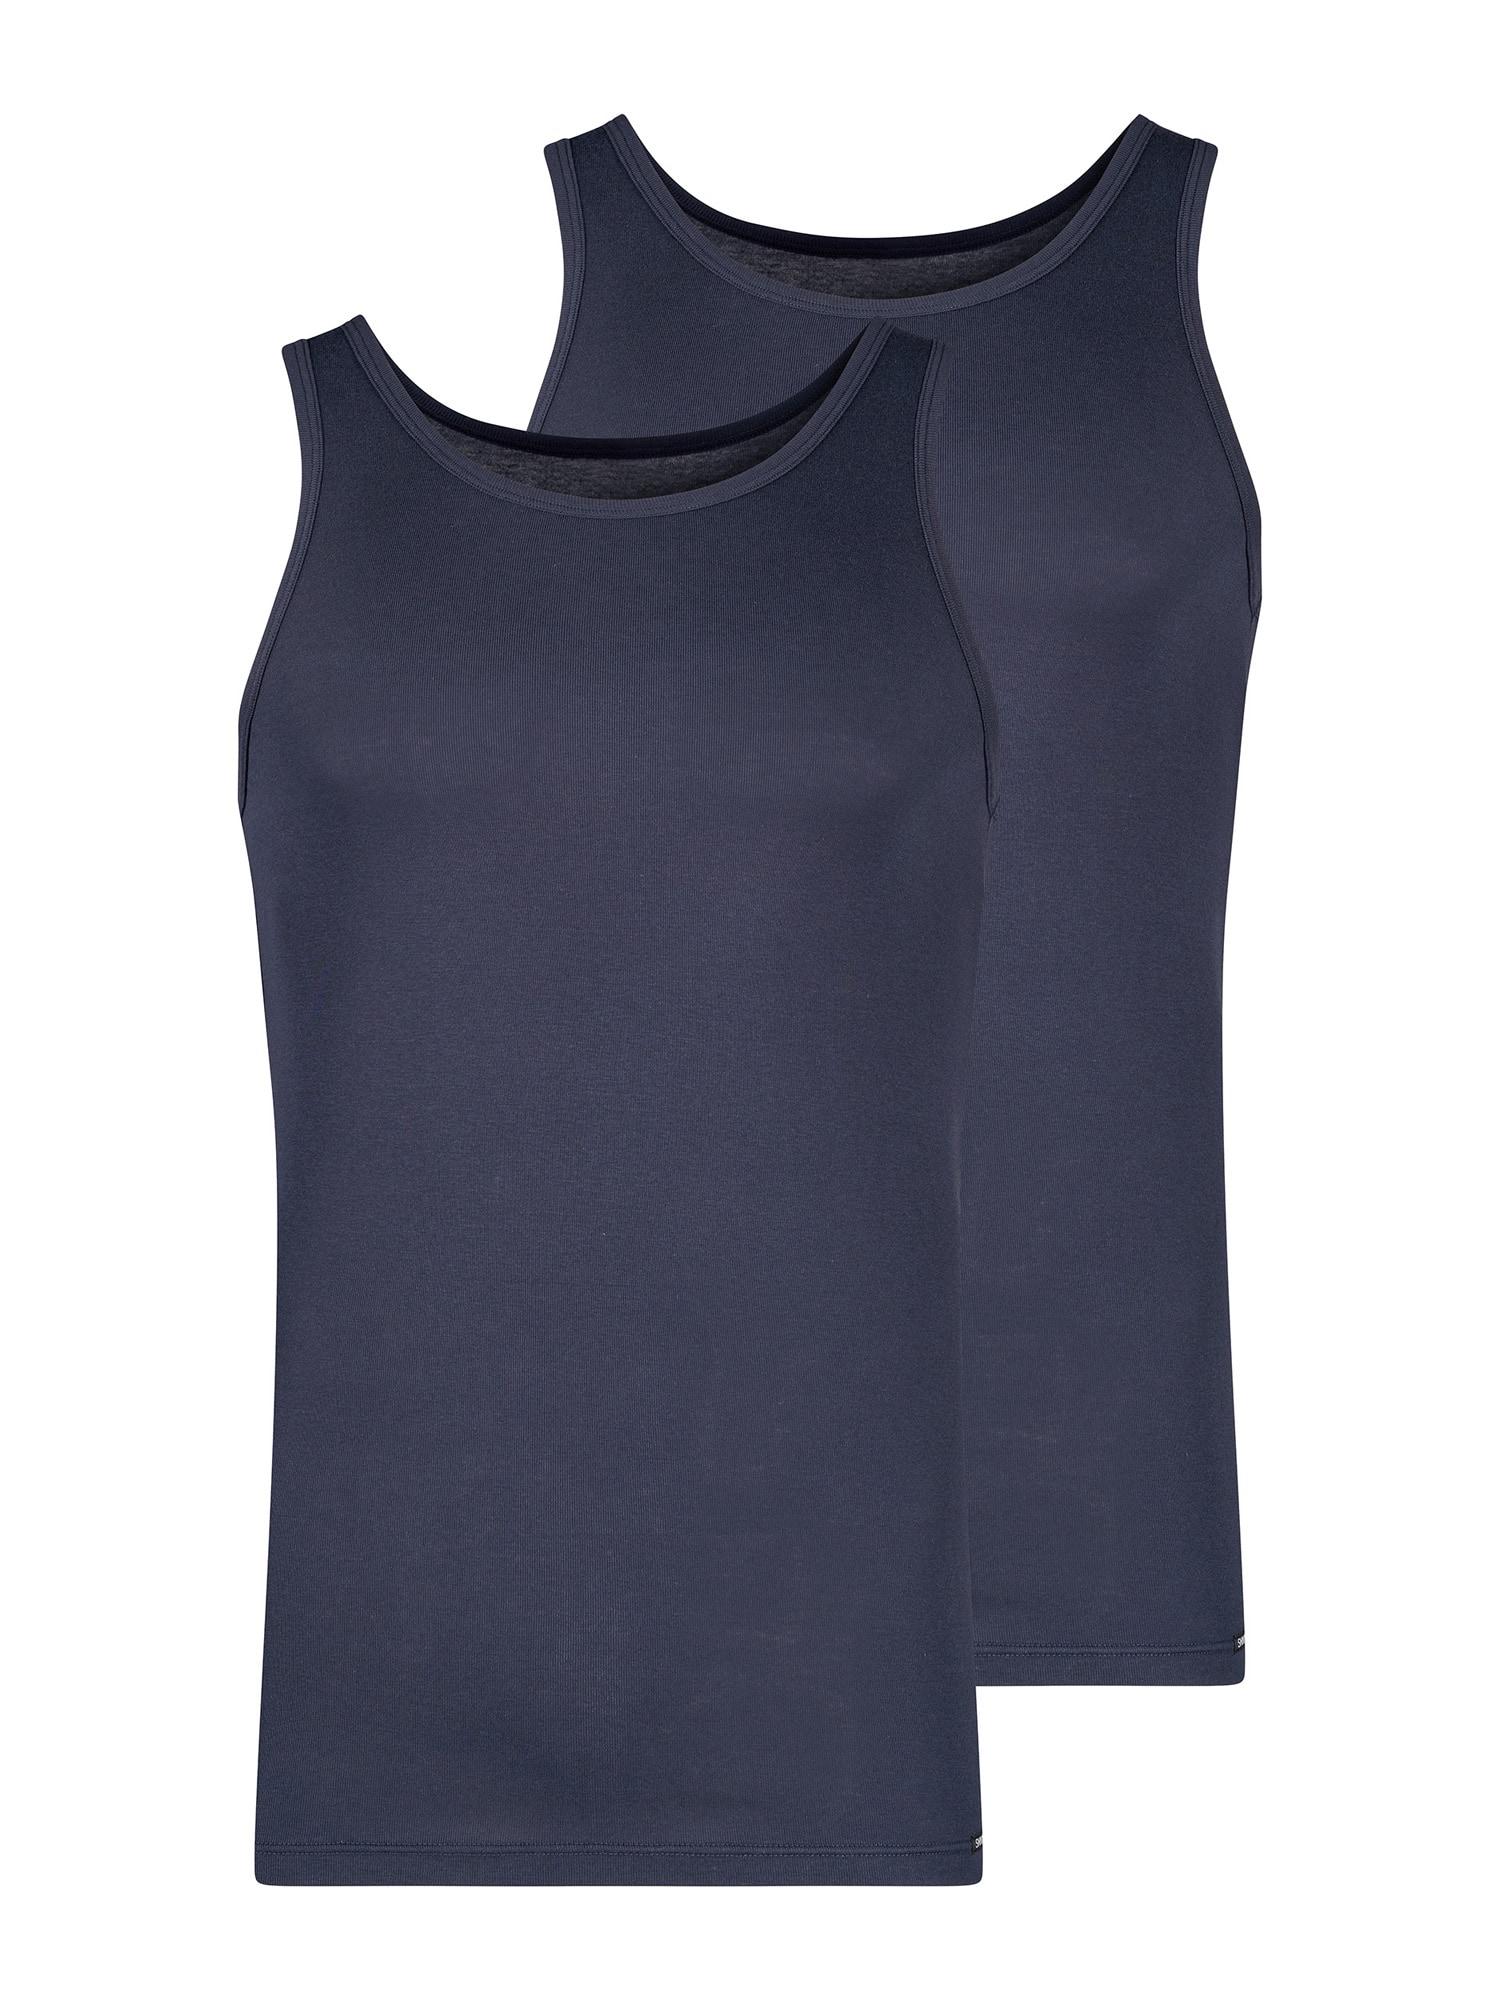 Skiny Apatiniai marškinėliai tamsiai mėlyna